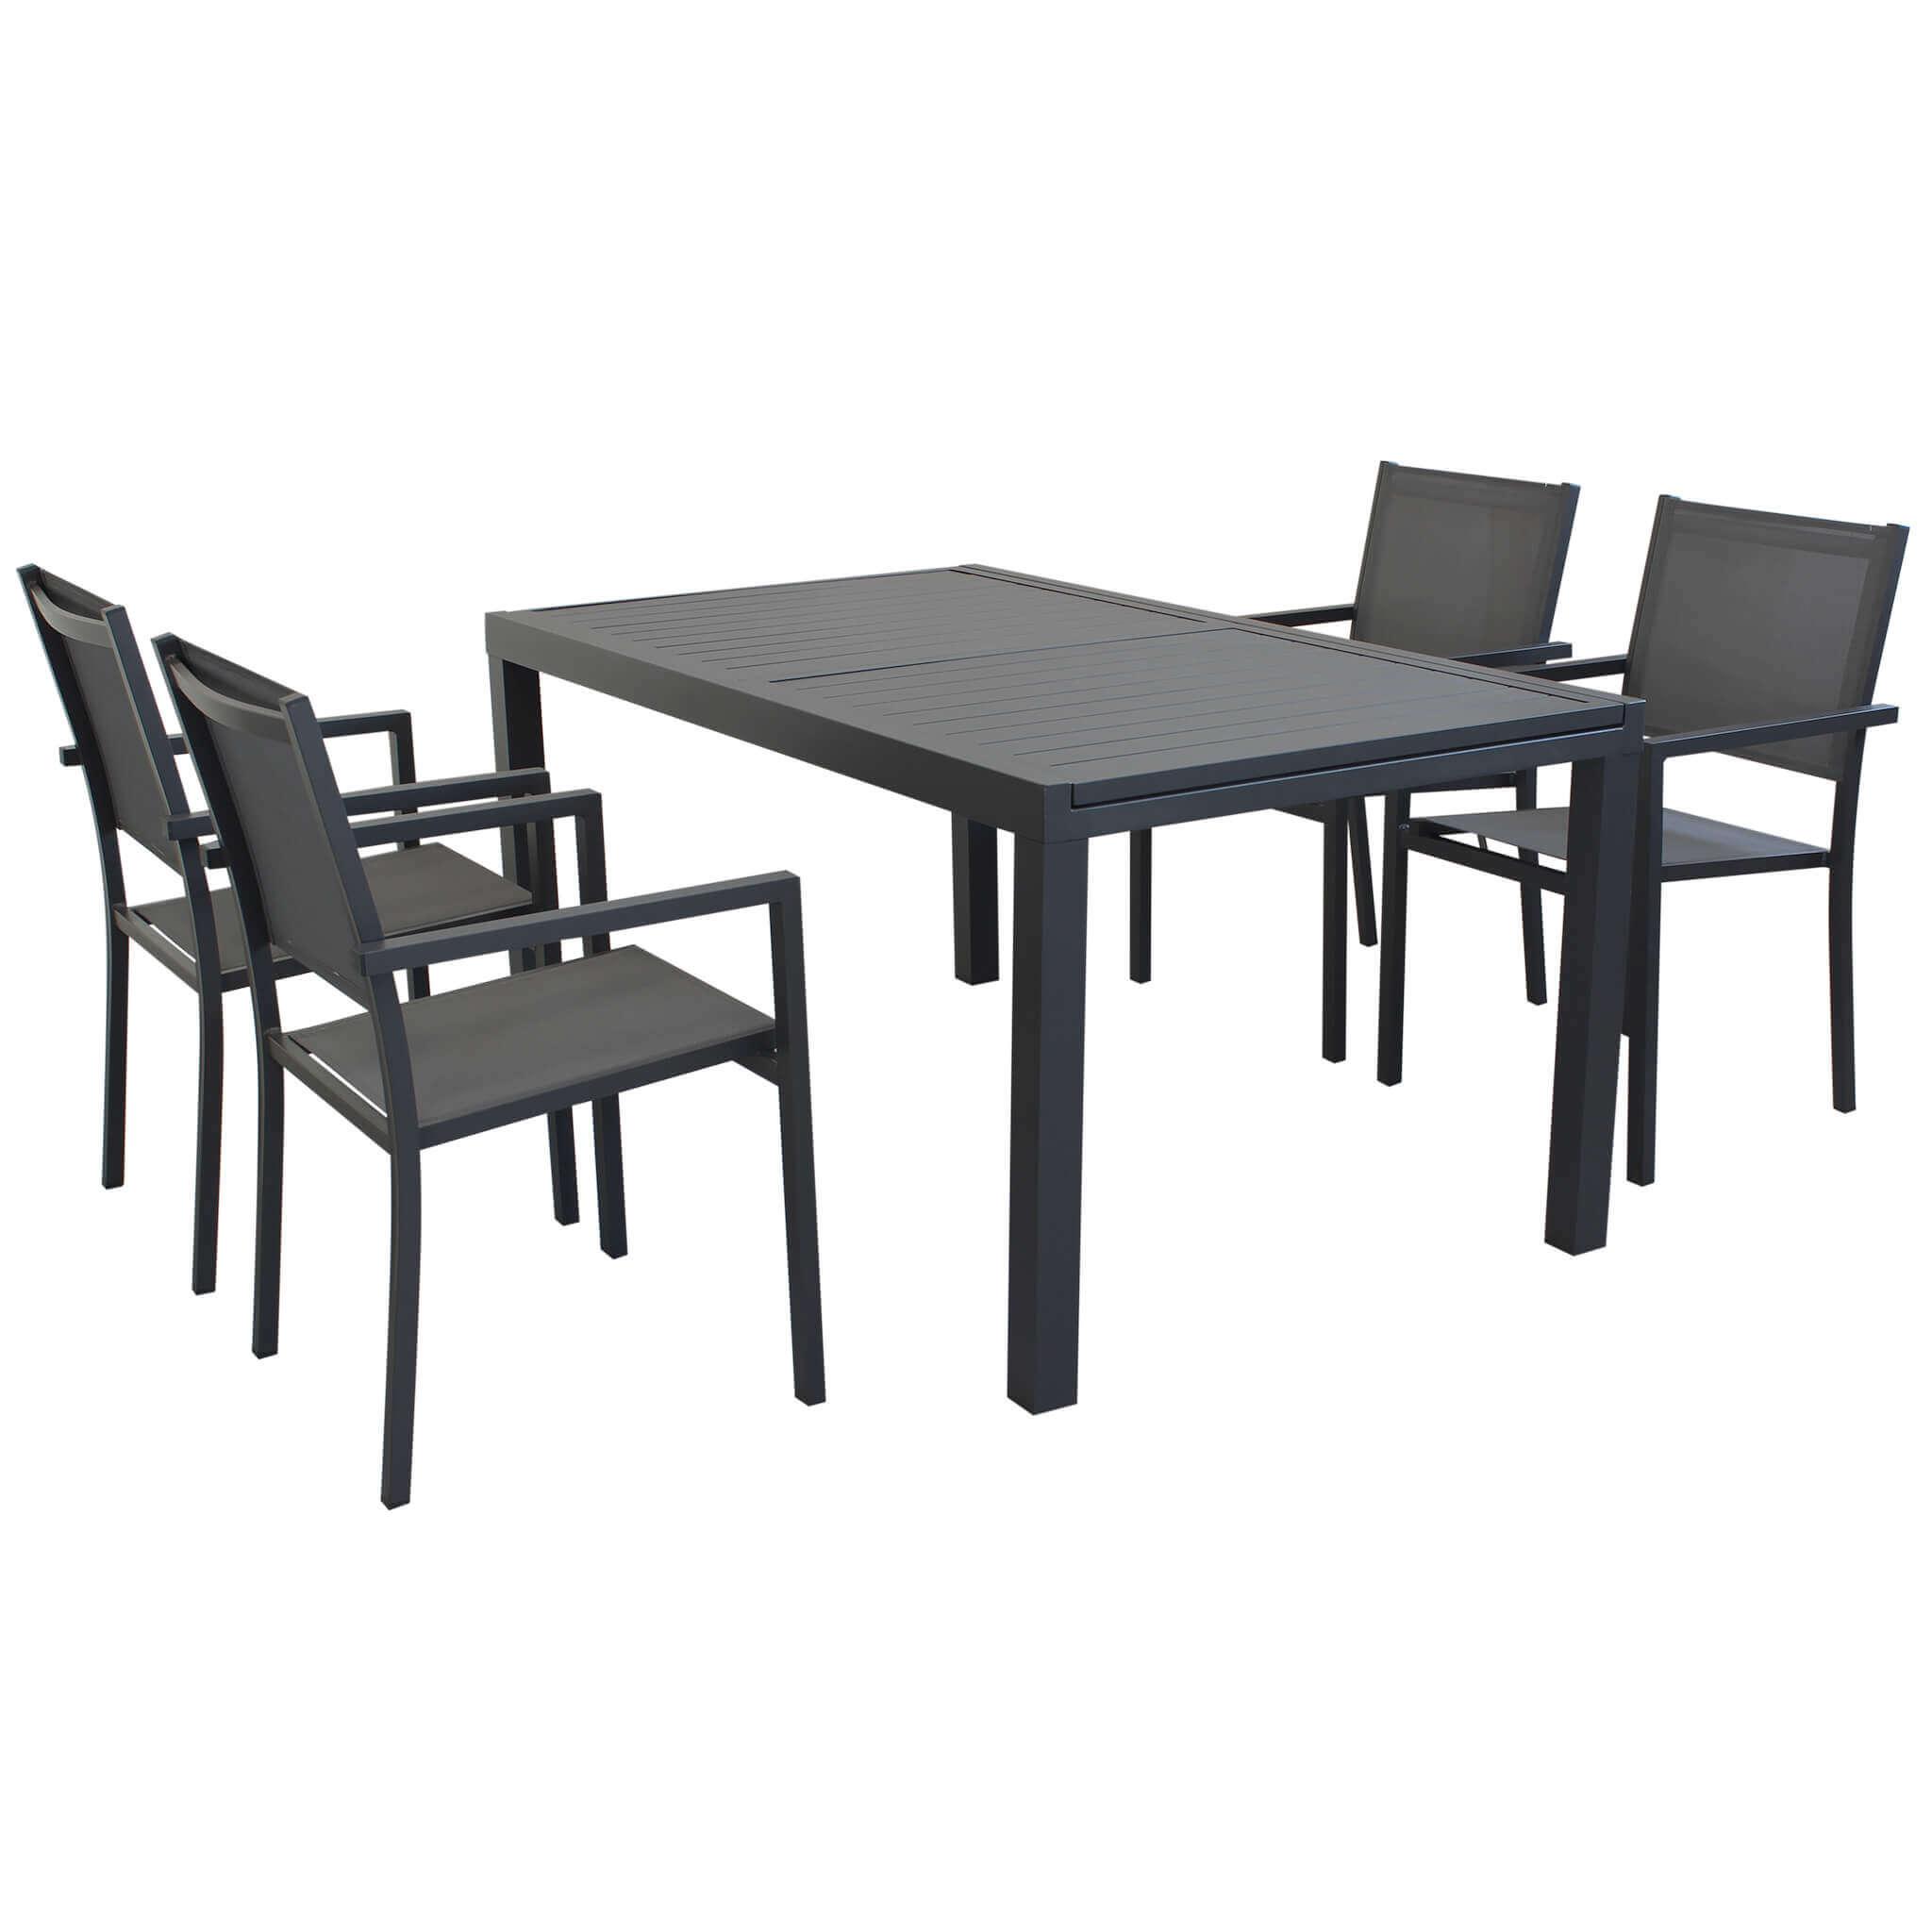 Milani Home DEXTER - set tavolo da giardino allungabile in alluminio 160/240 x 90 compreso di 4 poltrone in alluminio e textilene